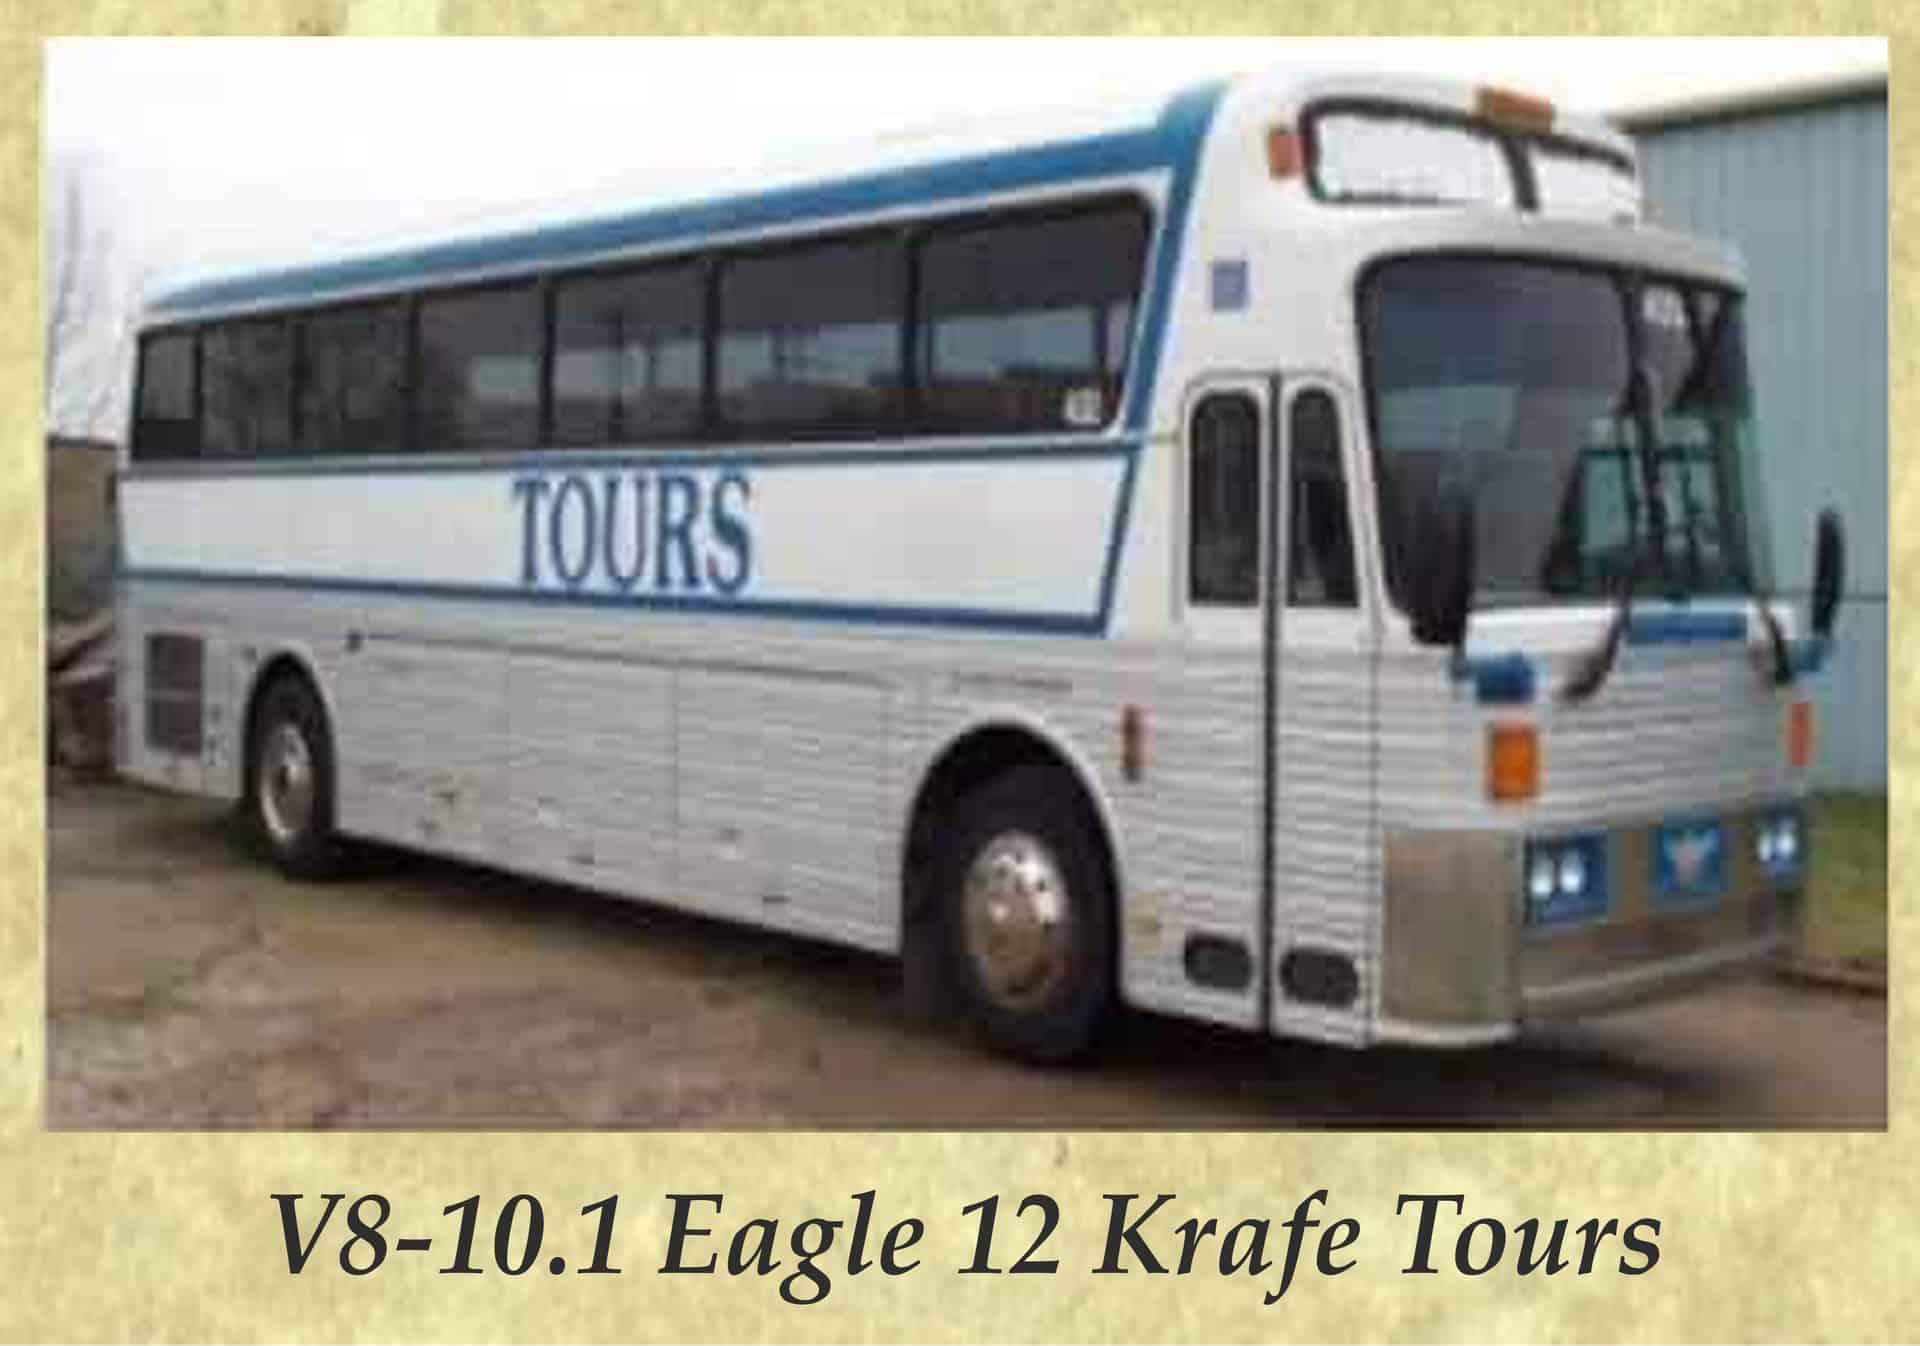 V8-10.1 Eagle 12 Krafe Tours